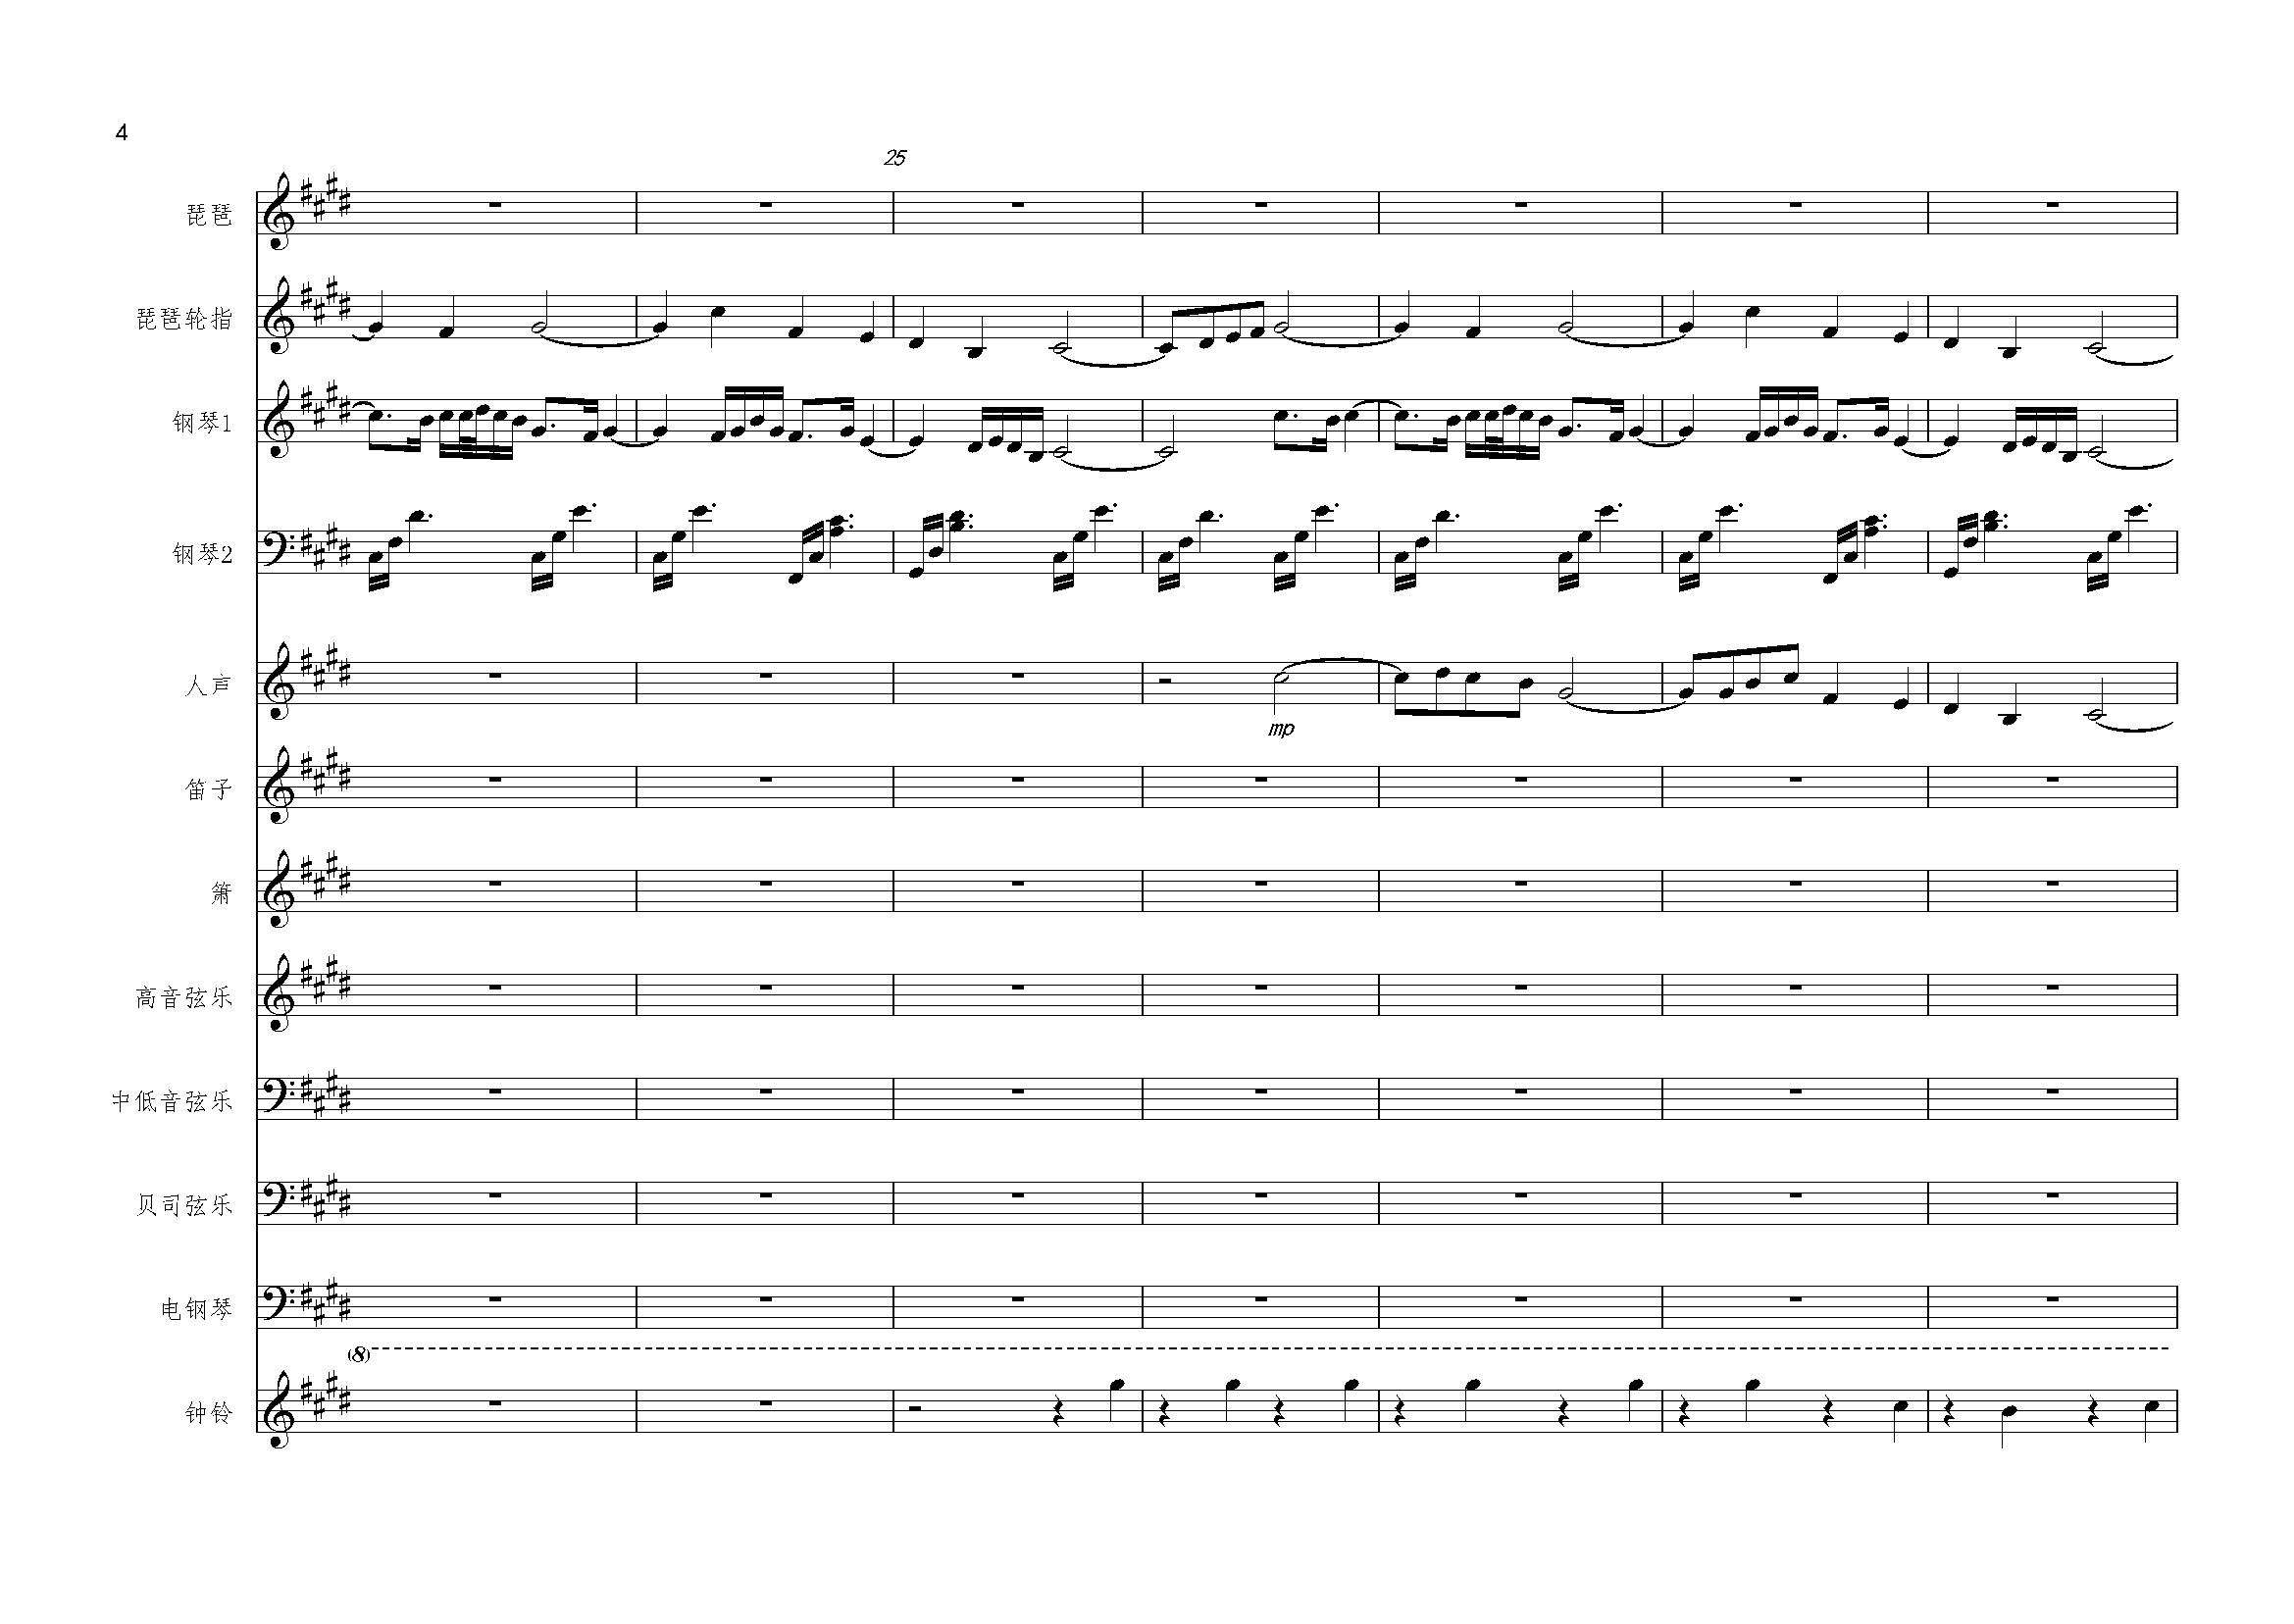 琵琶语钢琴谱 第4页